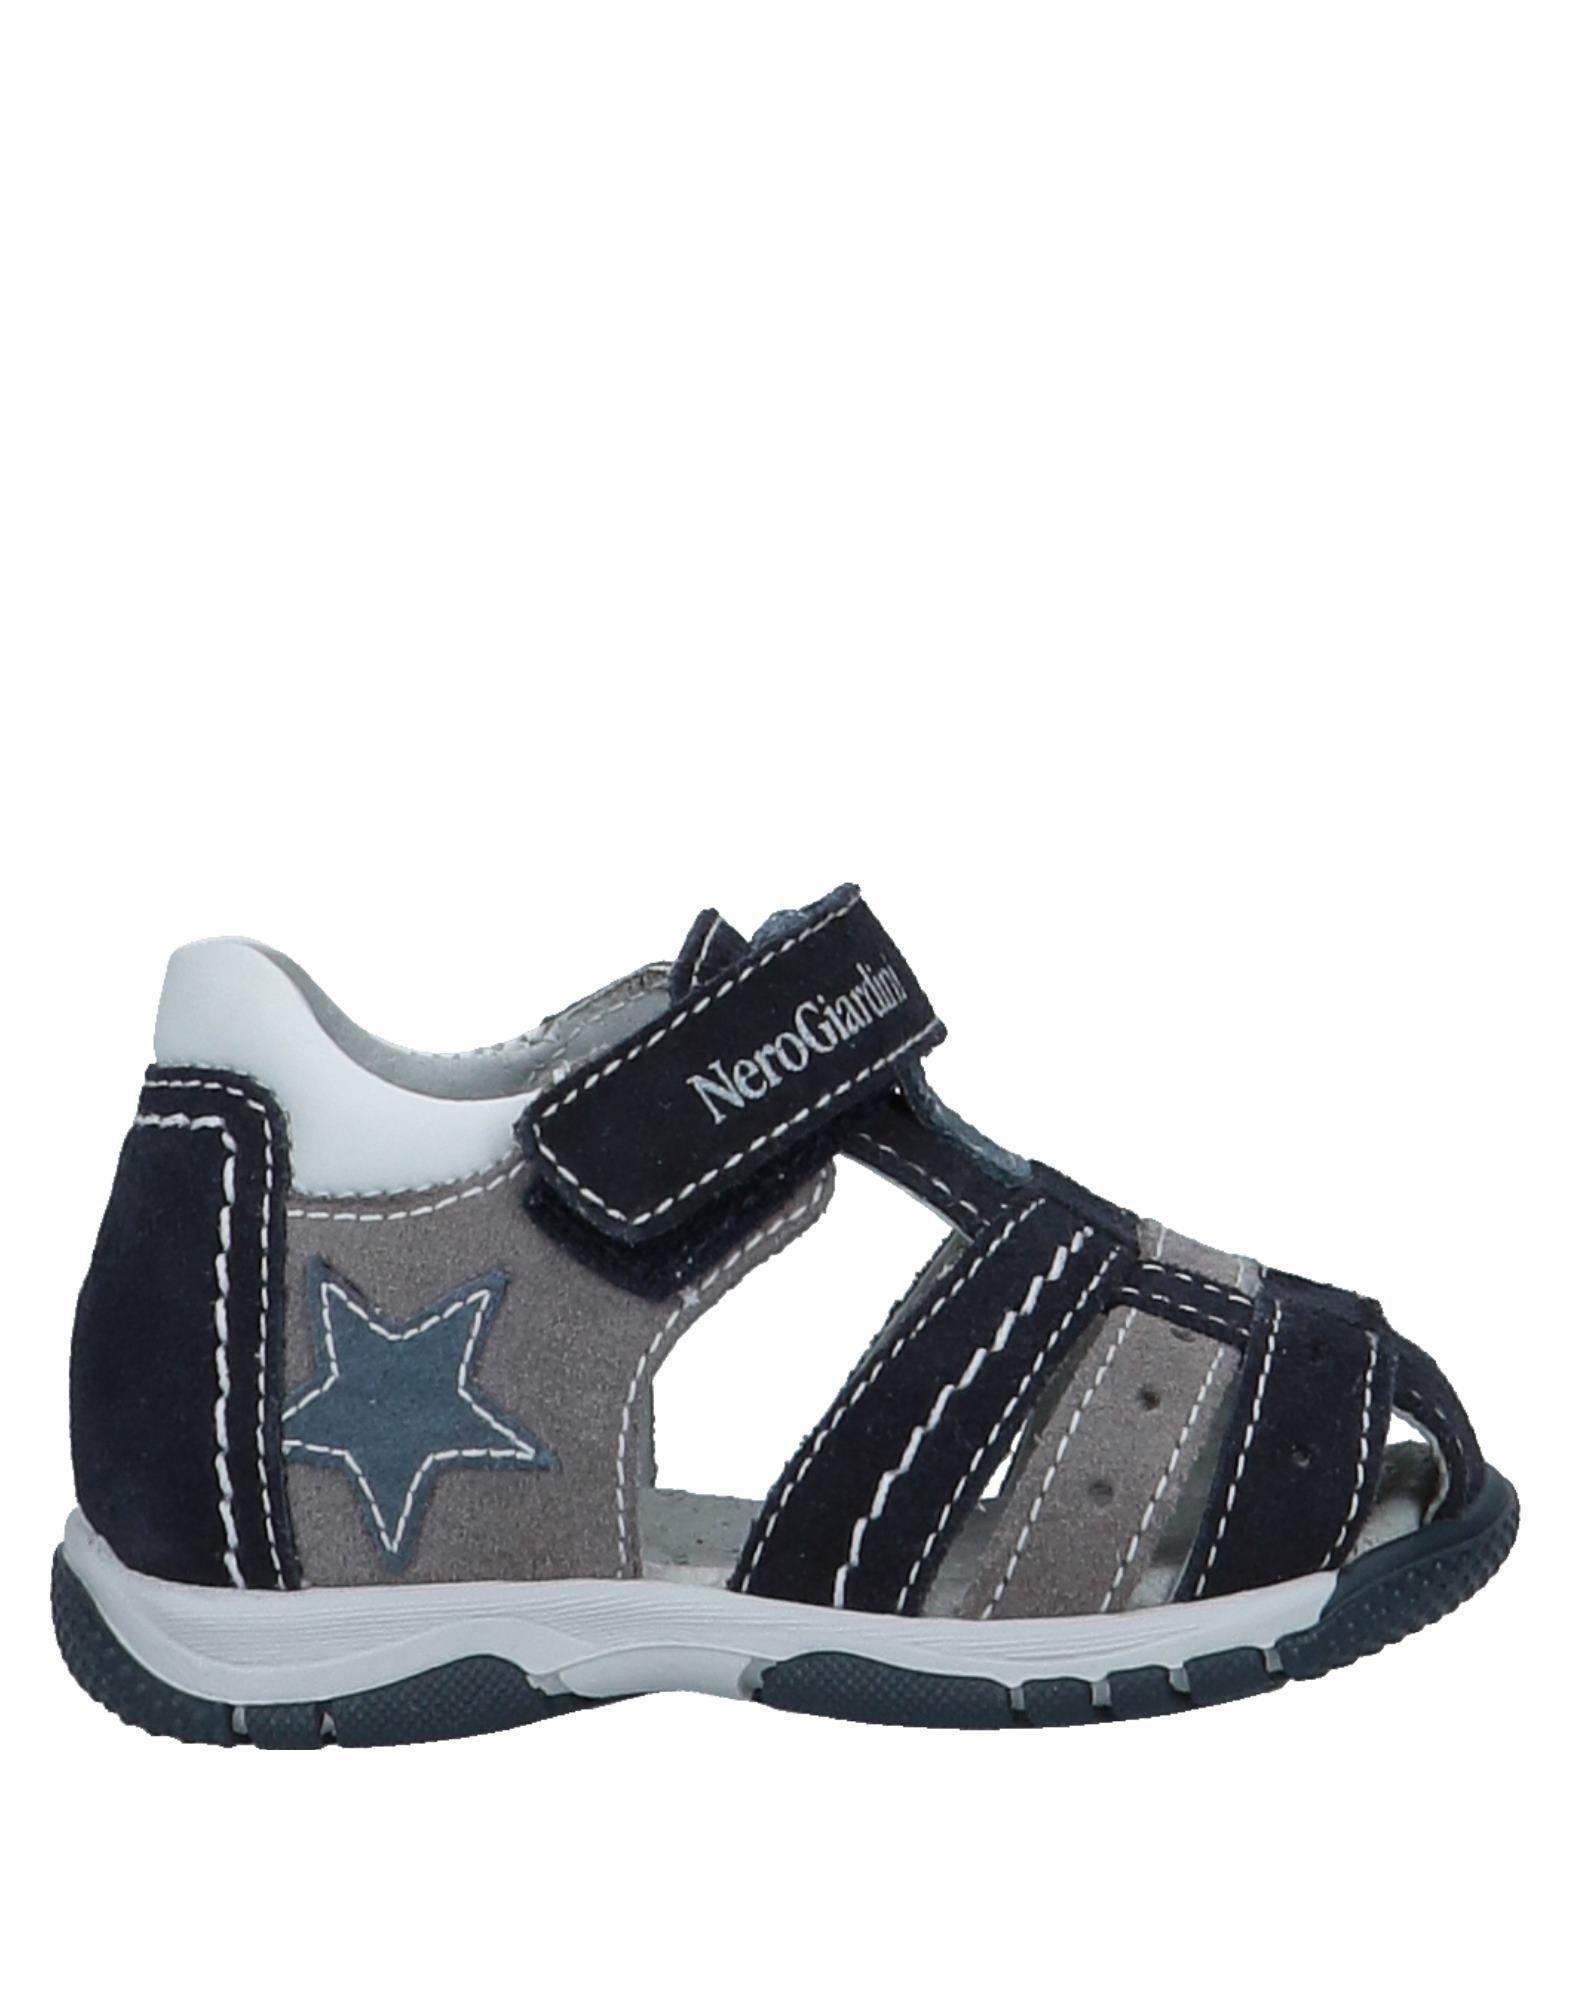 NERO GIARDINI JUNIOR Сандалии сандалии mjus 954006 101 0001 argento nero